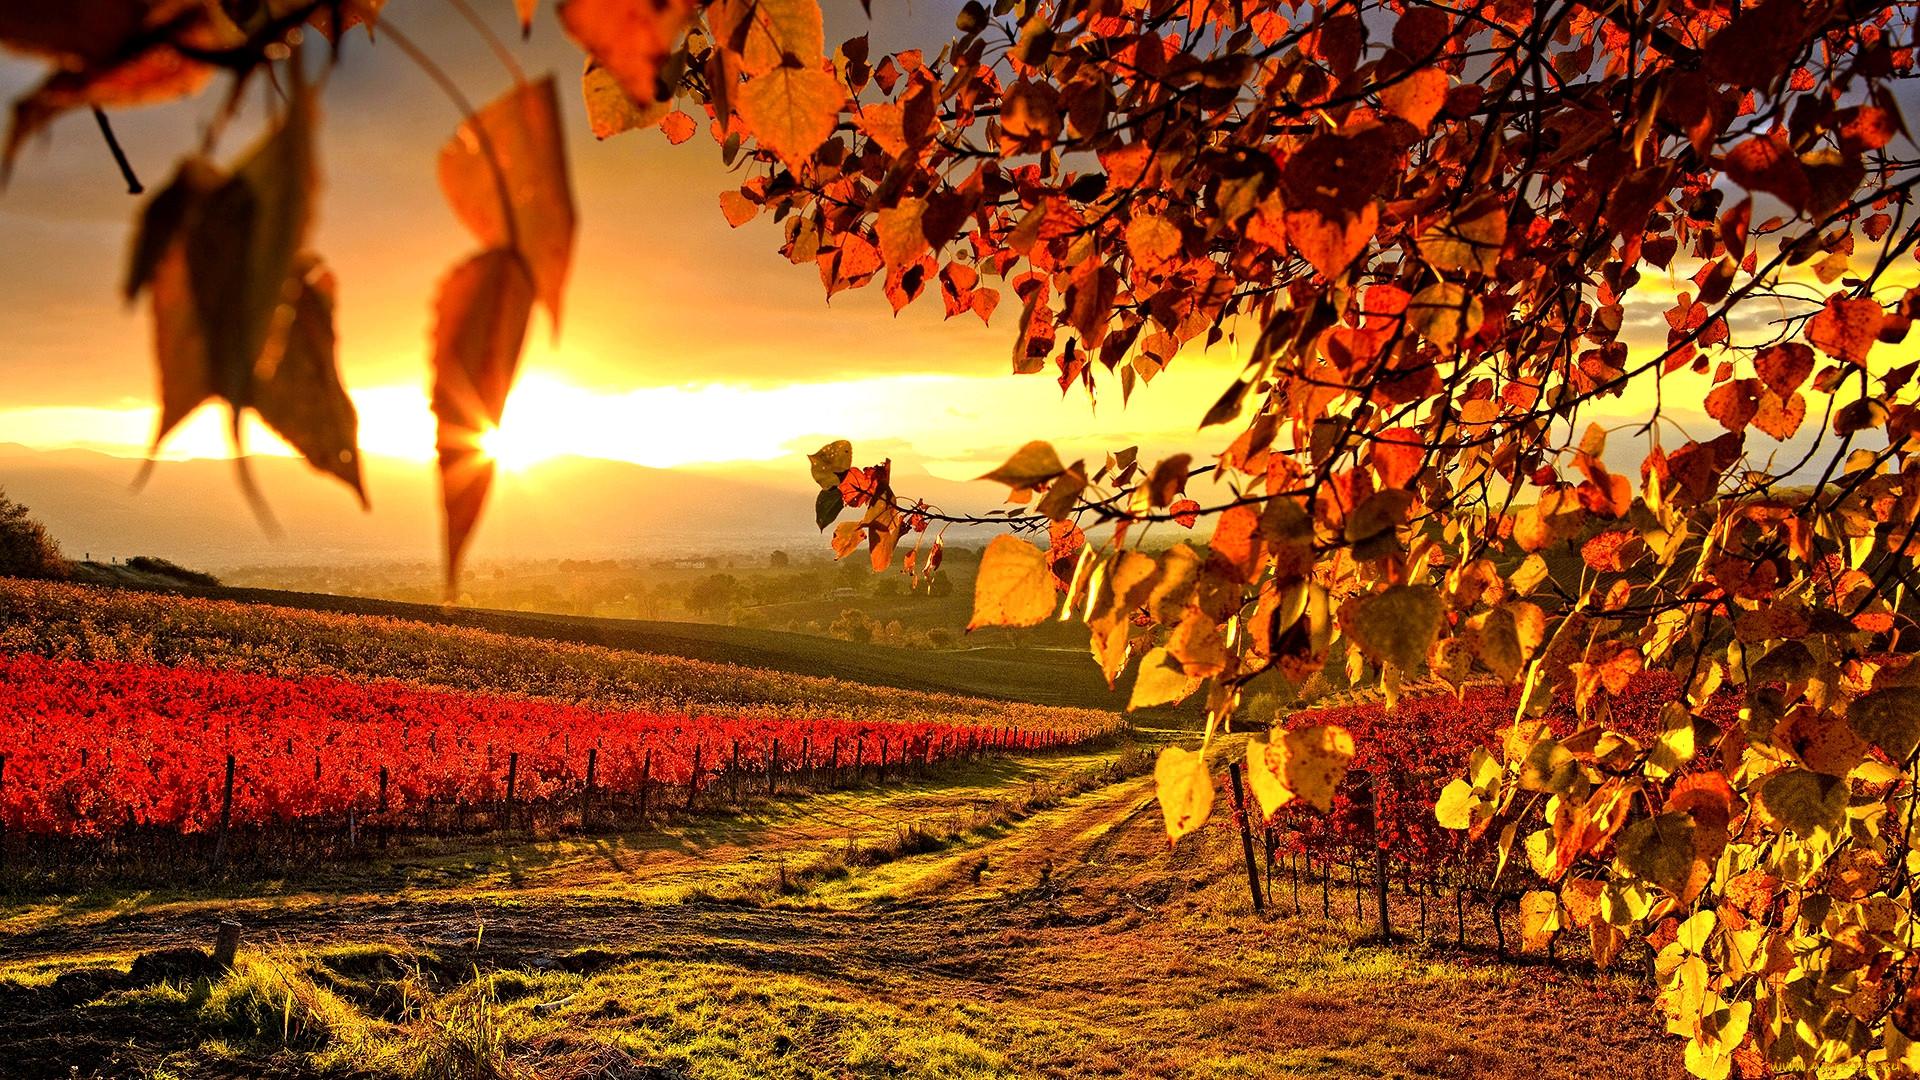 ритуал обои на рабочий стол теплая осень изготовлен франции счет